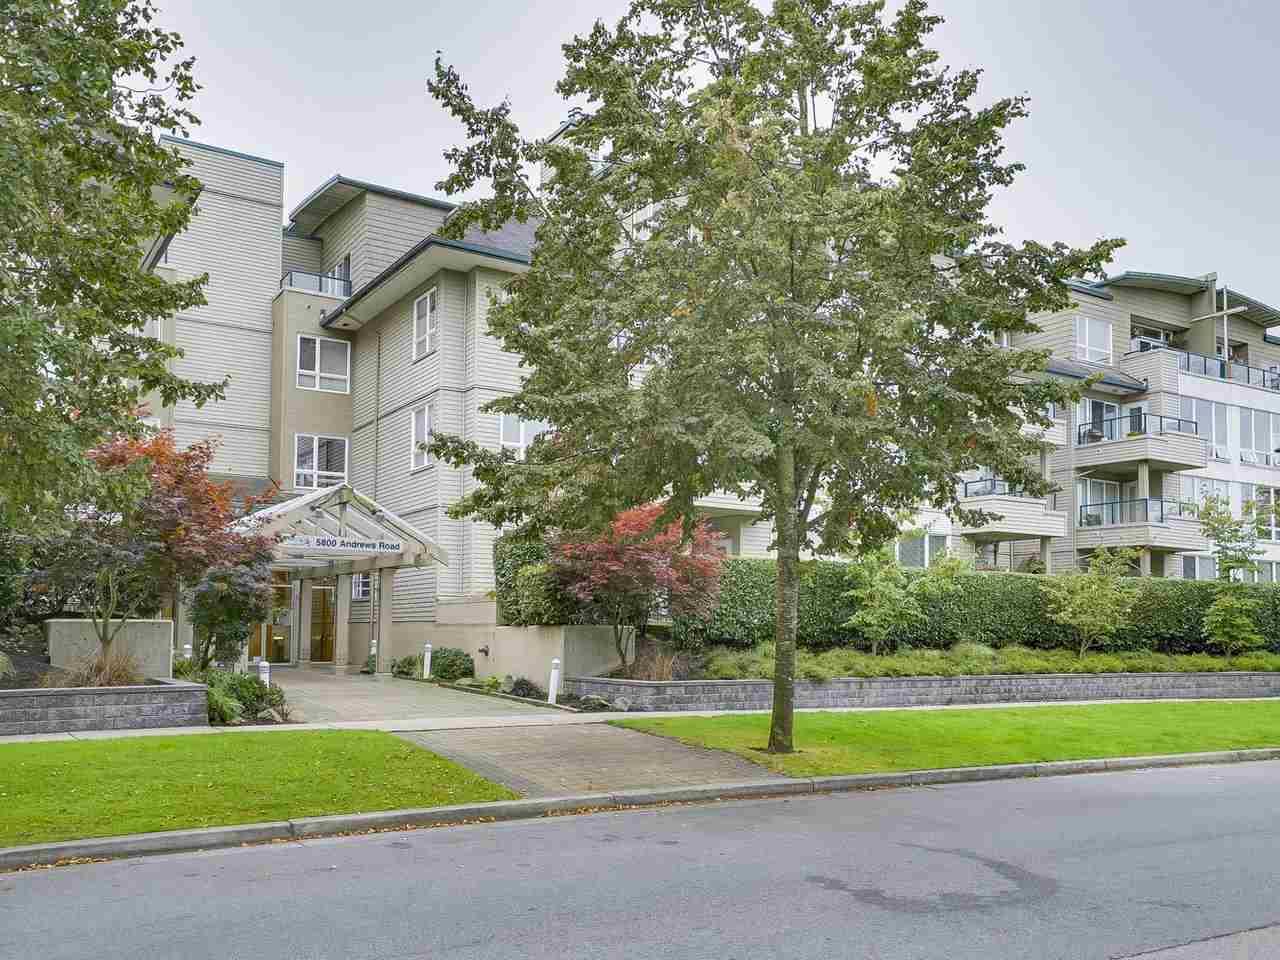 Condo Apartment at 108 5800 ANDREWS ROAD, Unit 108, Richmond, British Columbia. Image 1